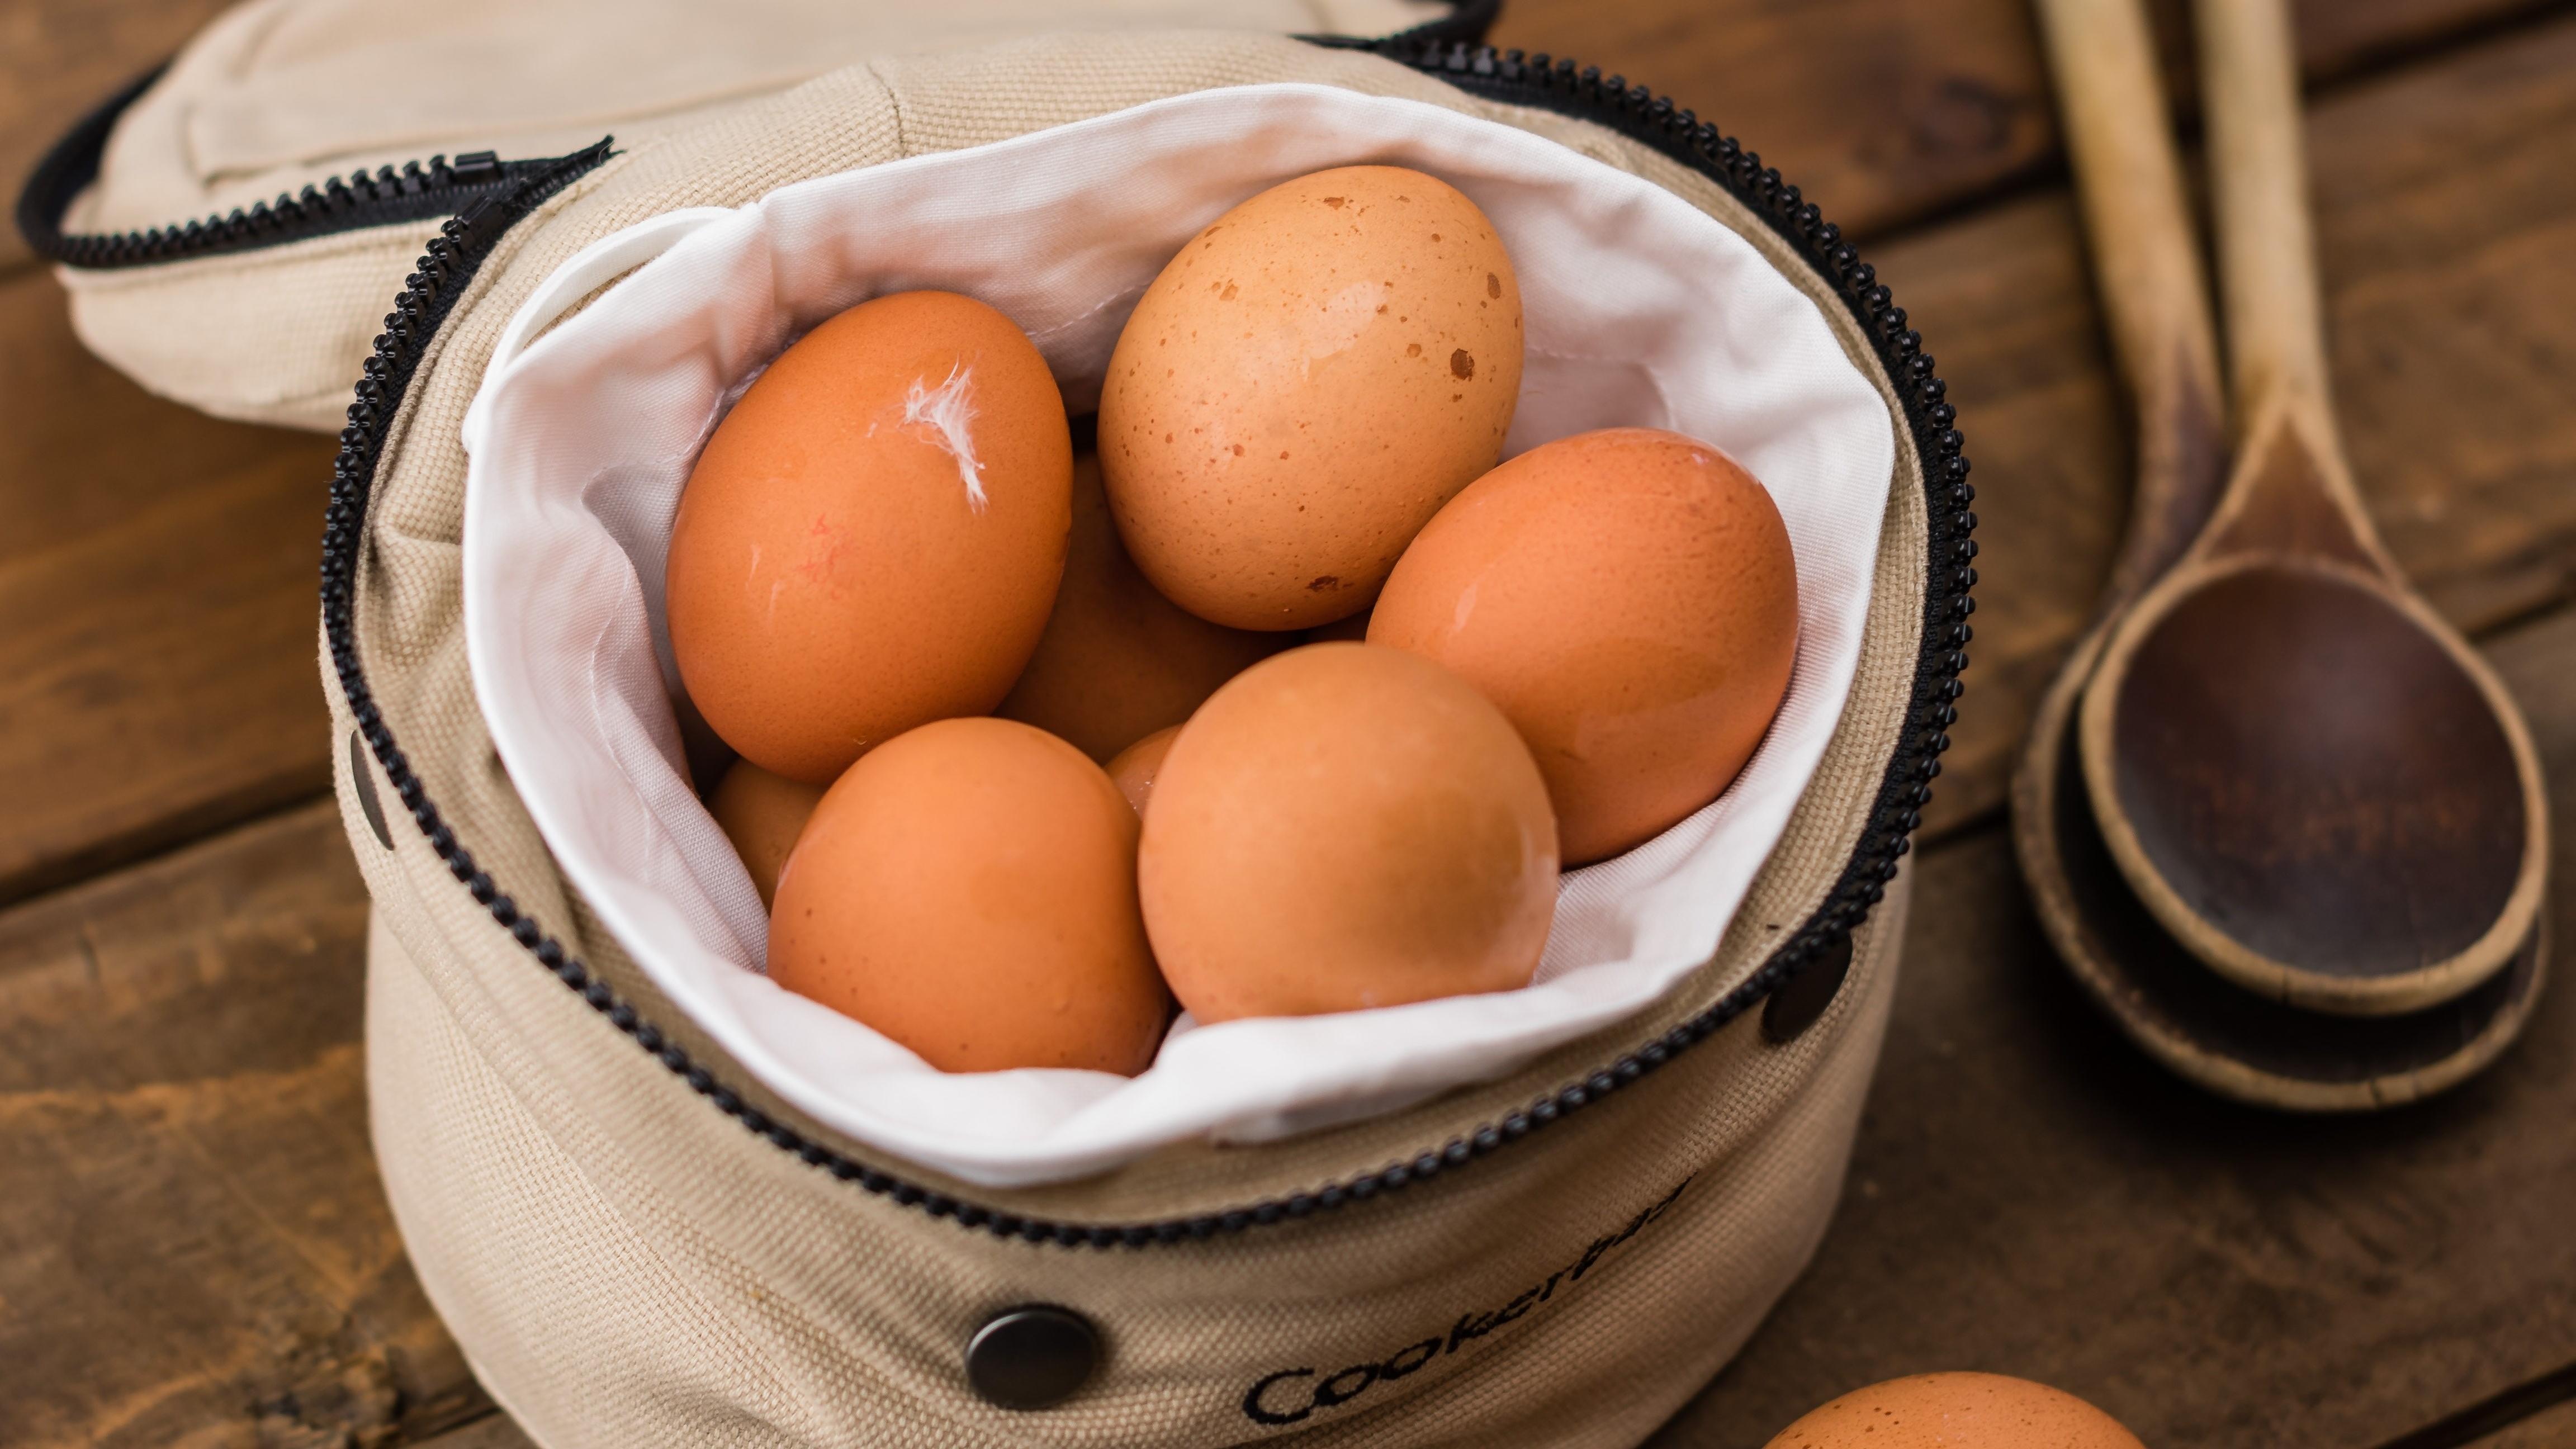 Eier lagern: Darauf sollten Sie achten